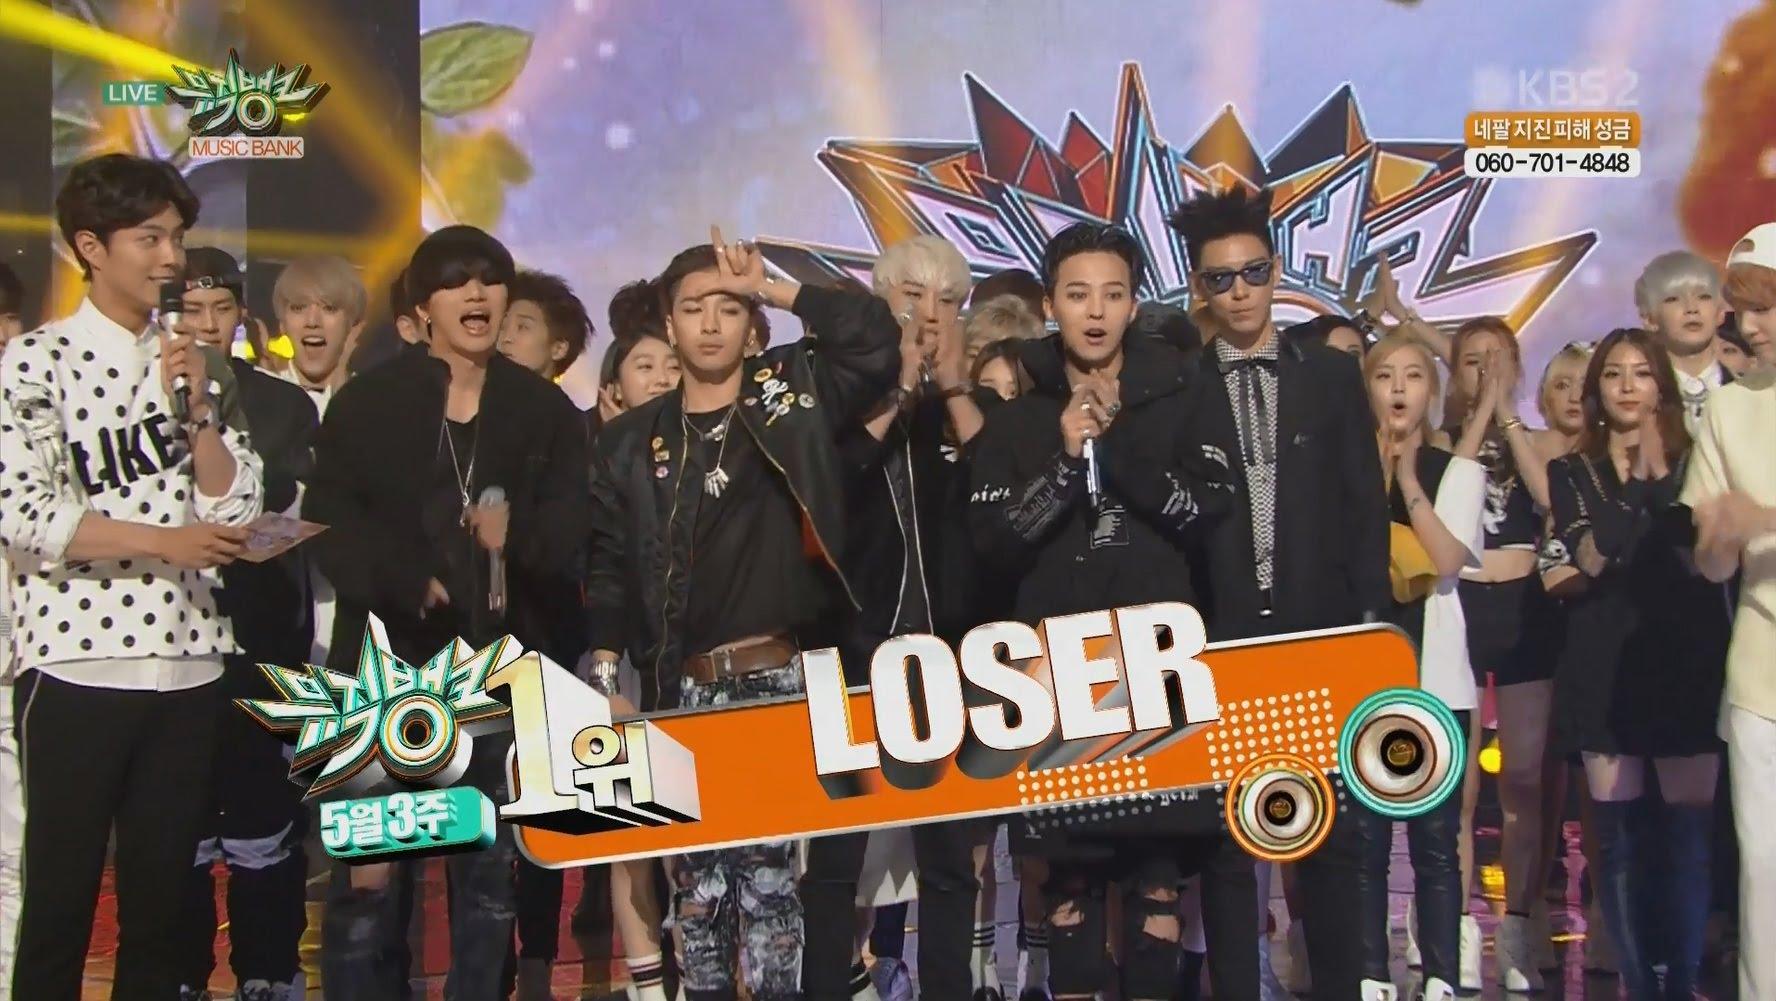 BIGBANG-Loser-20150515